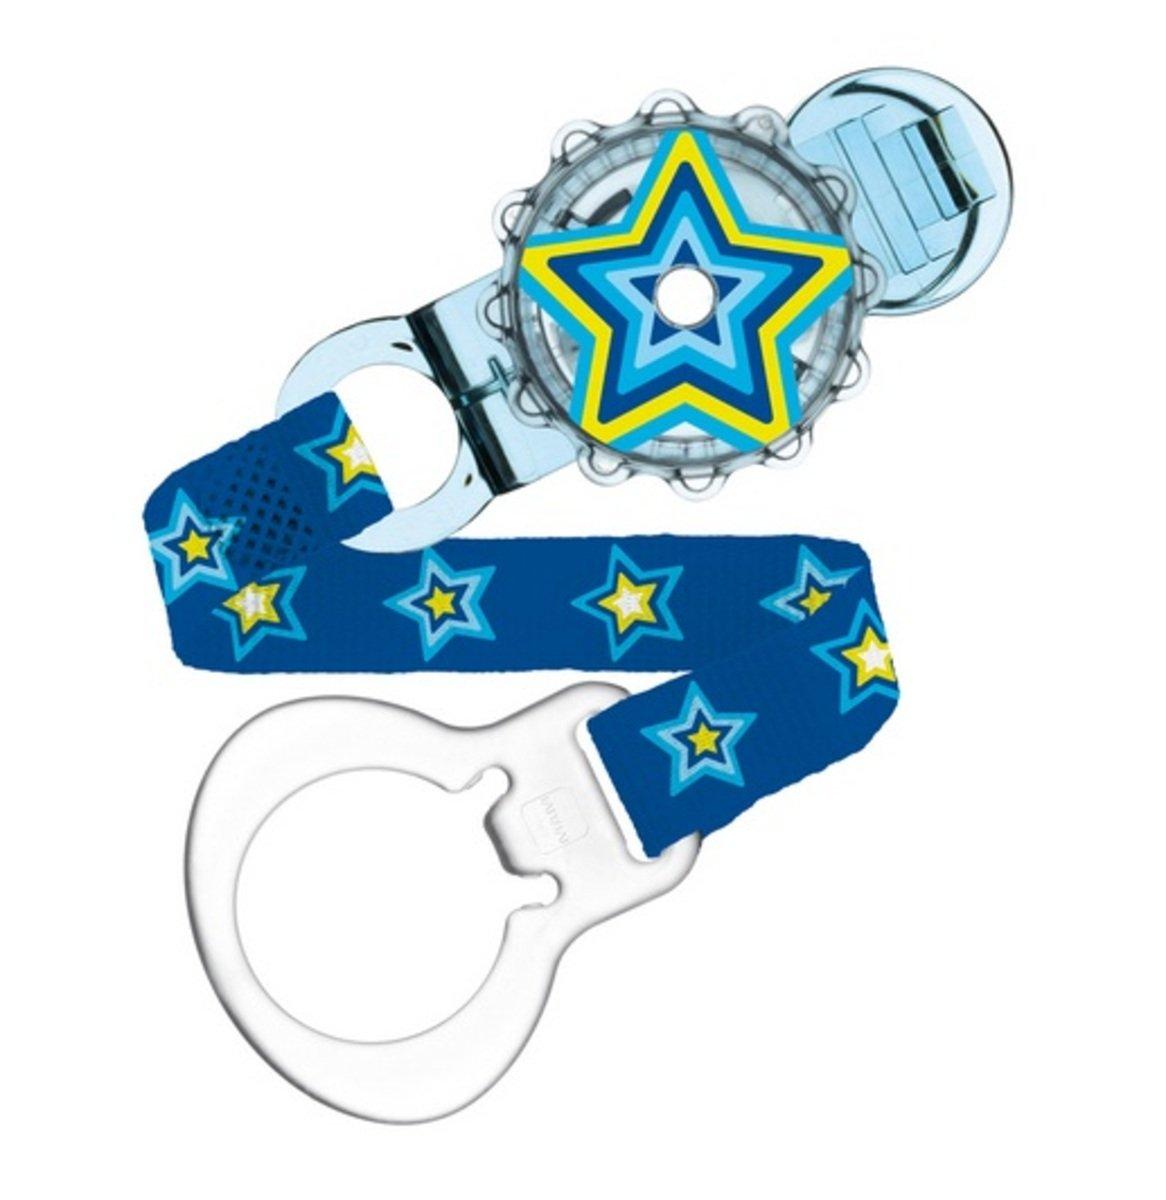 旋轉安撫奶嘴夾-藍色星星